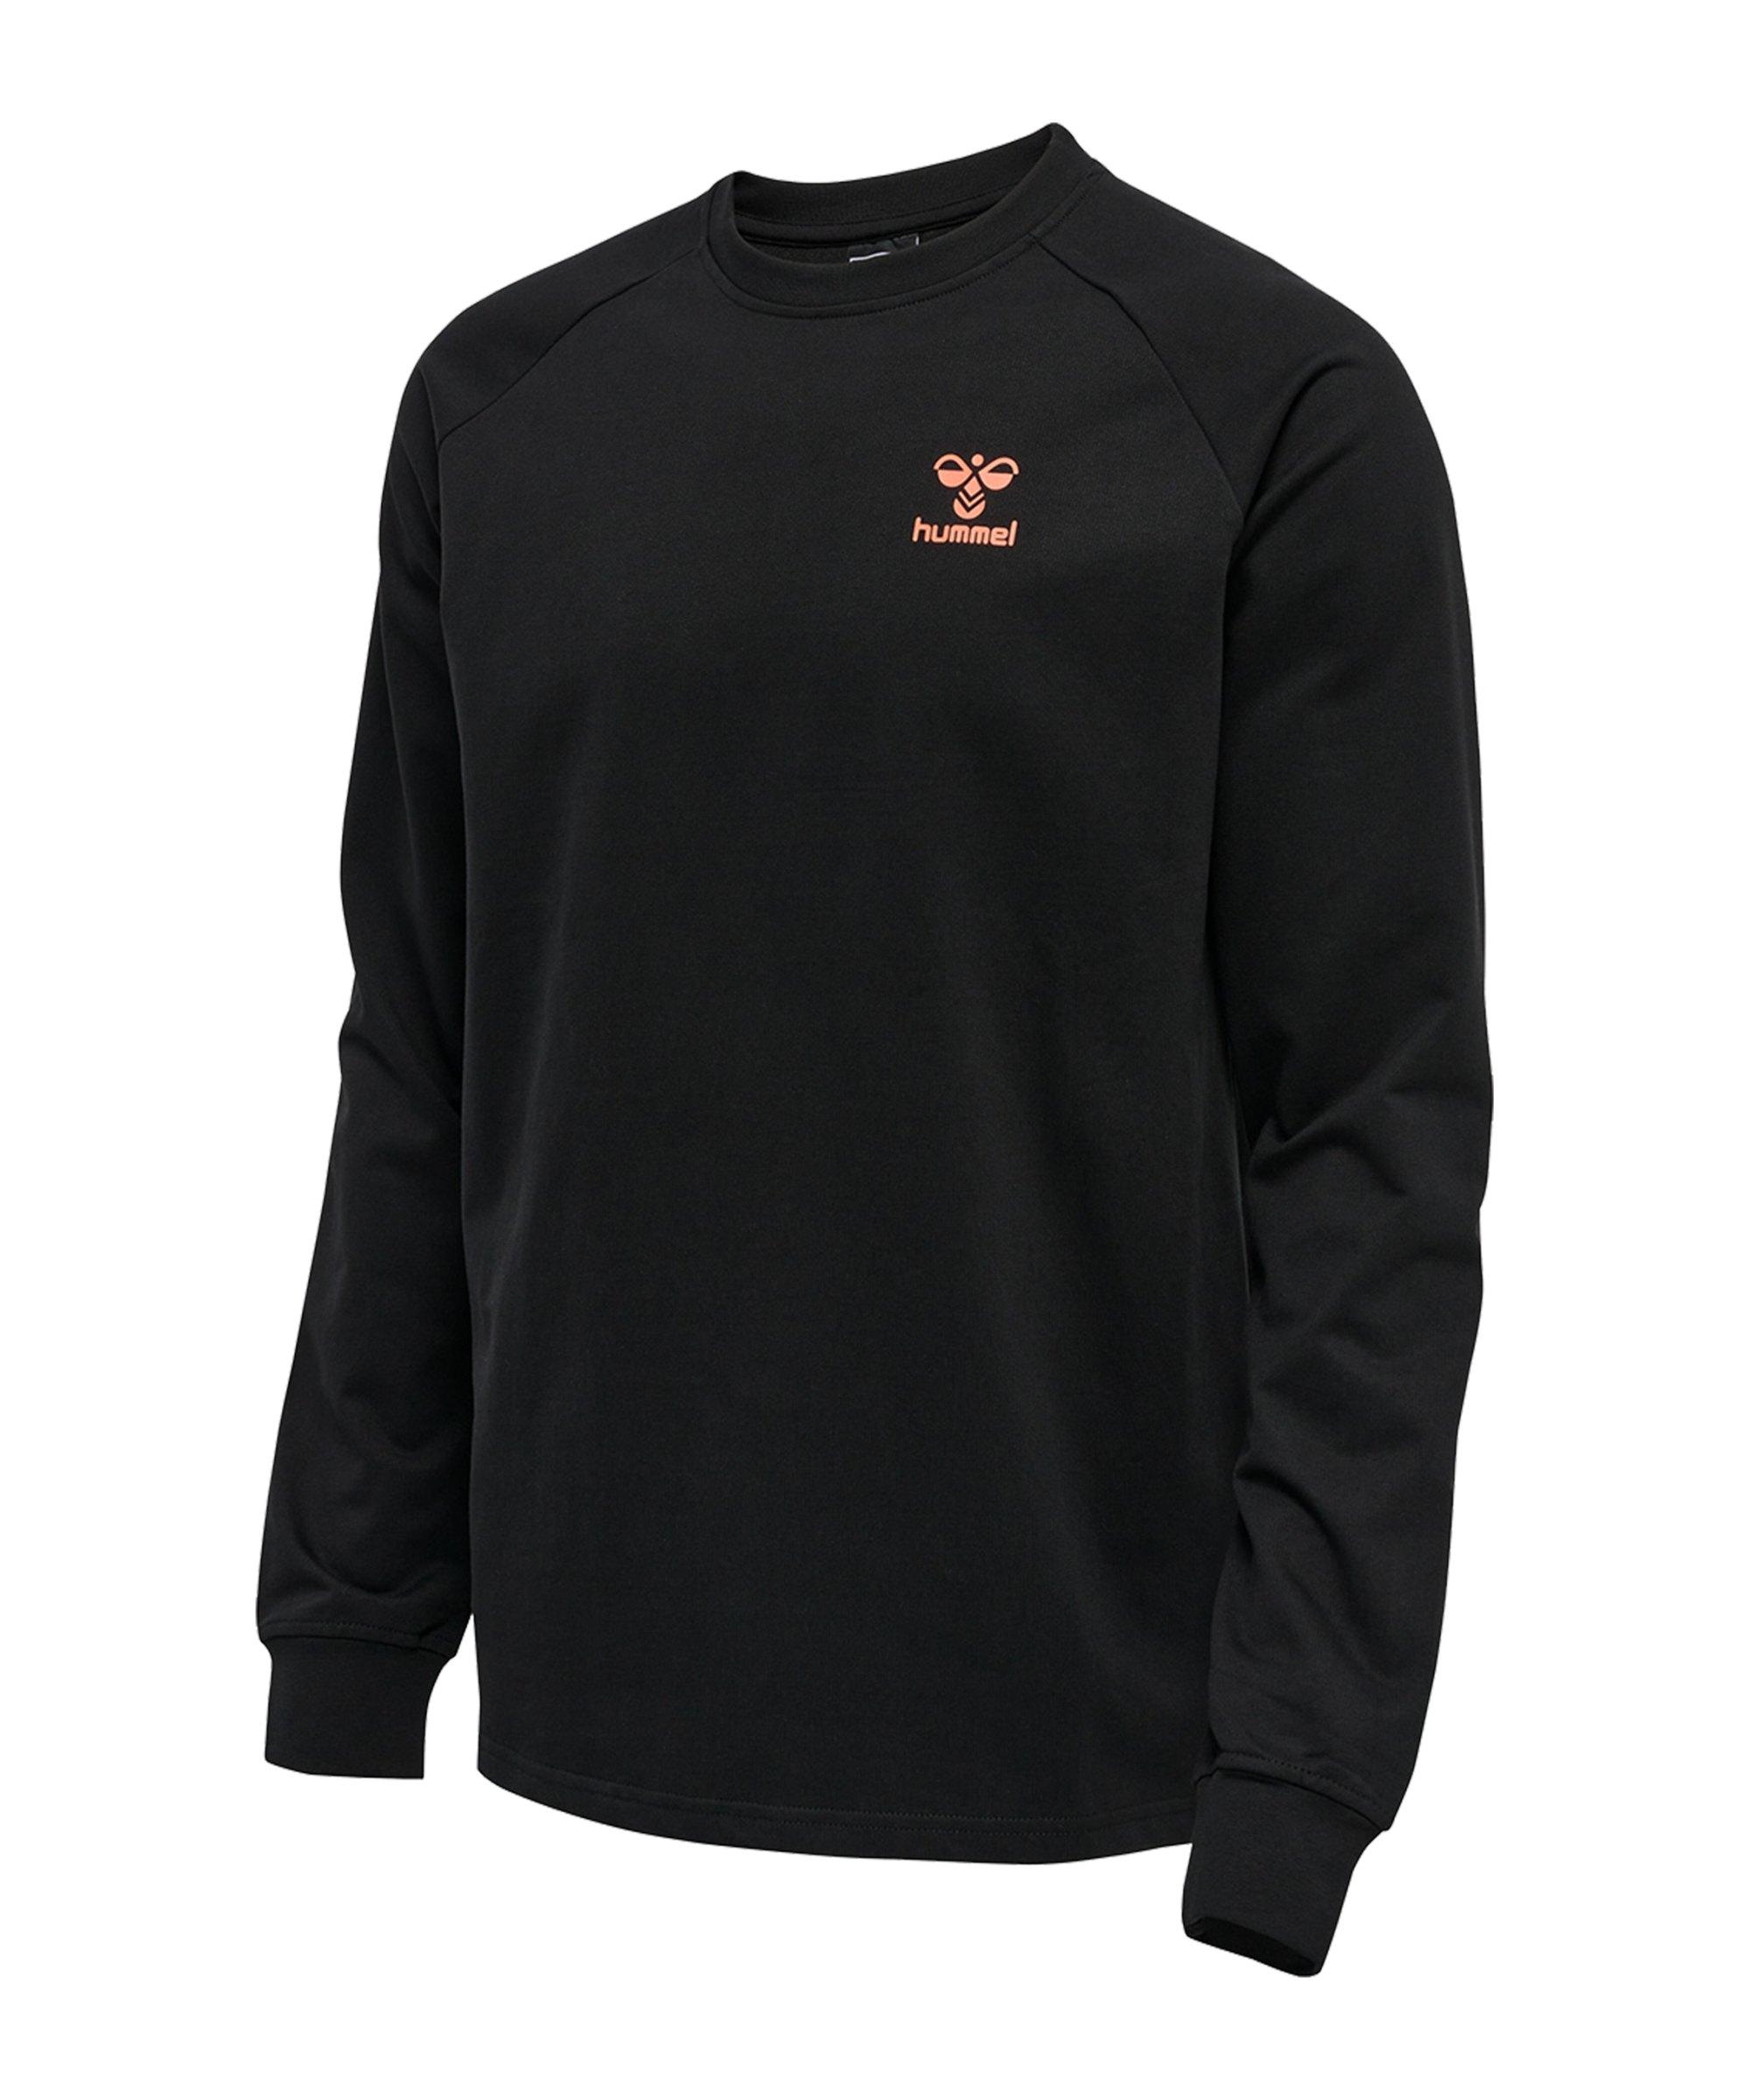 Hummel hmlACTION Sweatshirt Schwarz F2345 - schwarz